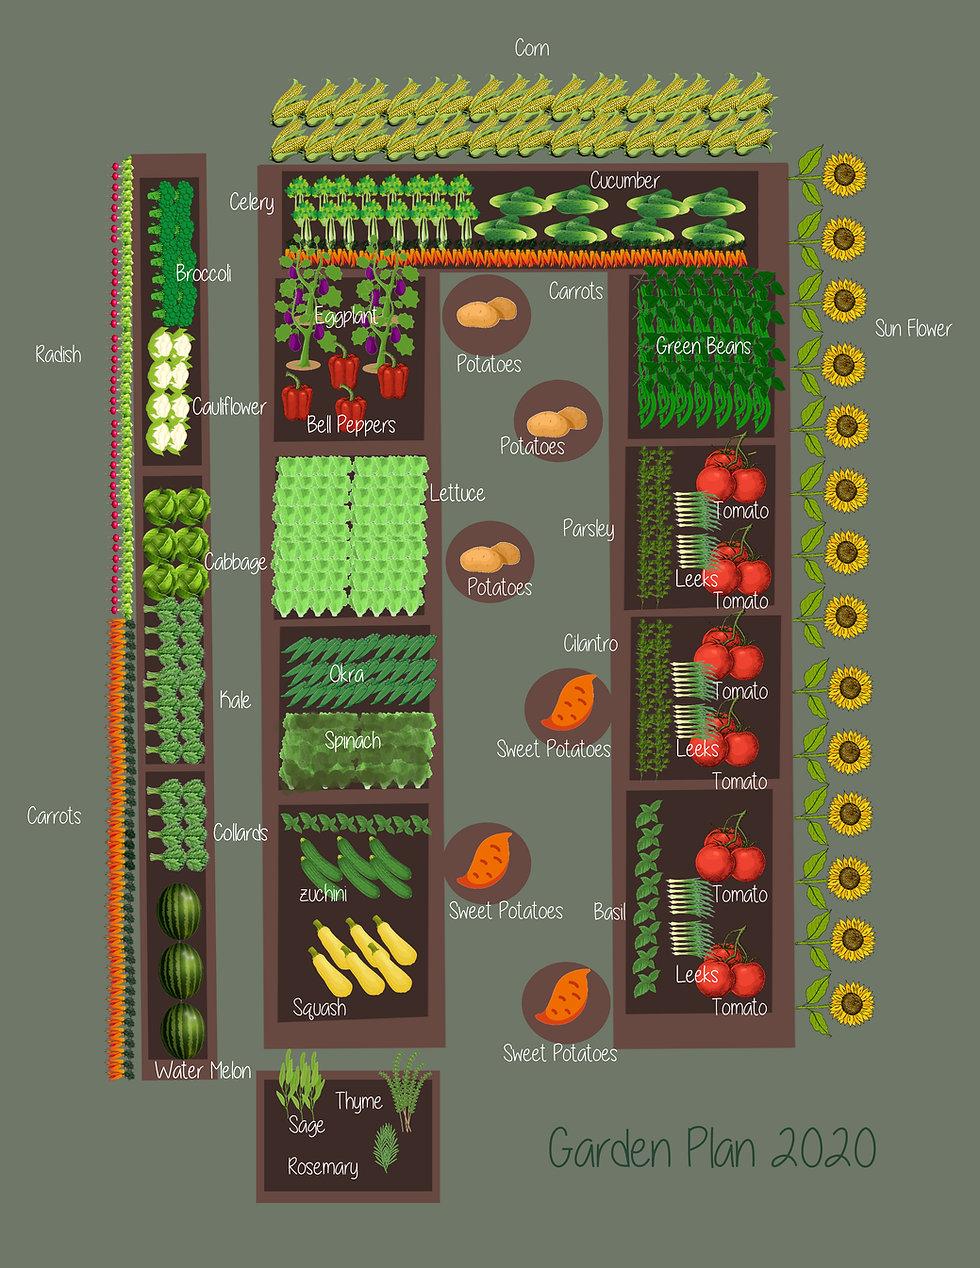 Garden Plan 2020.jpg